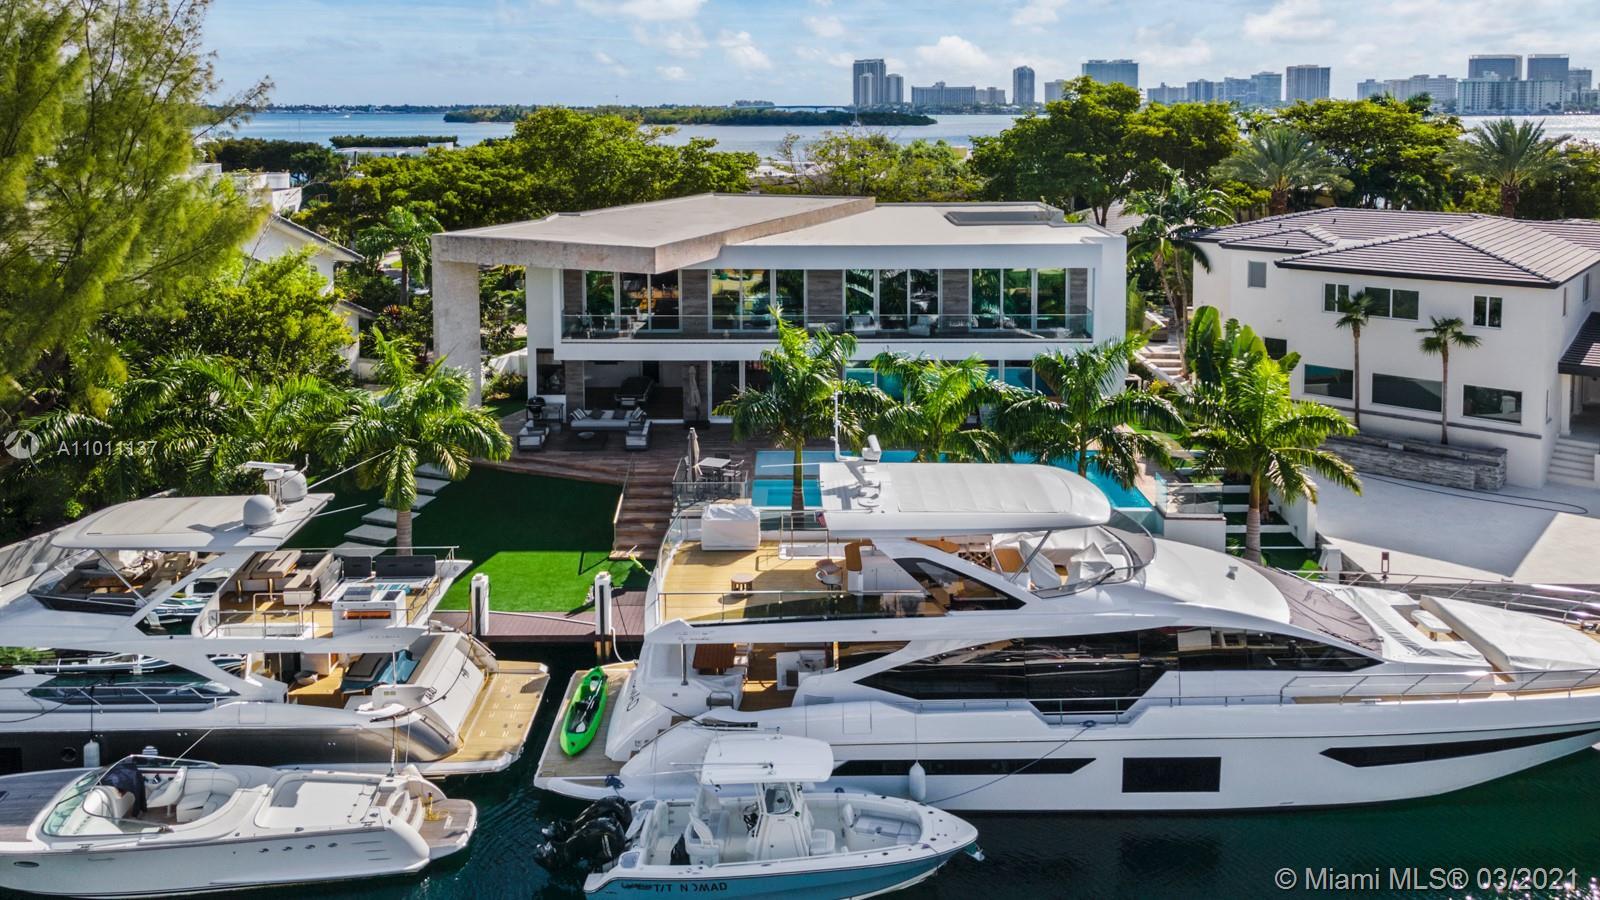 13250 Biscayne Bay Dr, North Miami, Florida 33181